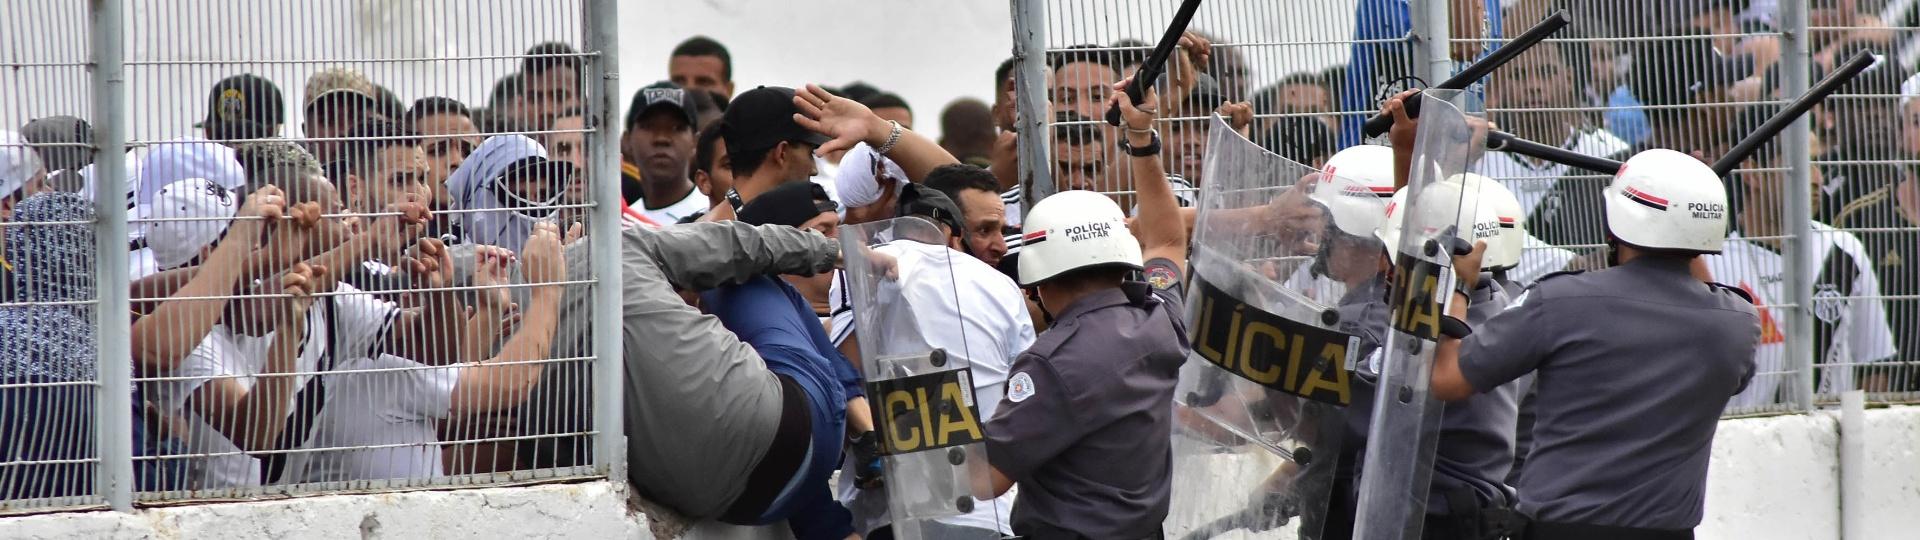 Policiais militares tentam impedir torcedores da Ponte Preta de invadir o campo contra o Vitória